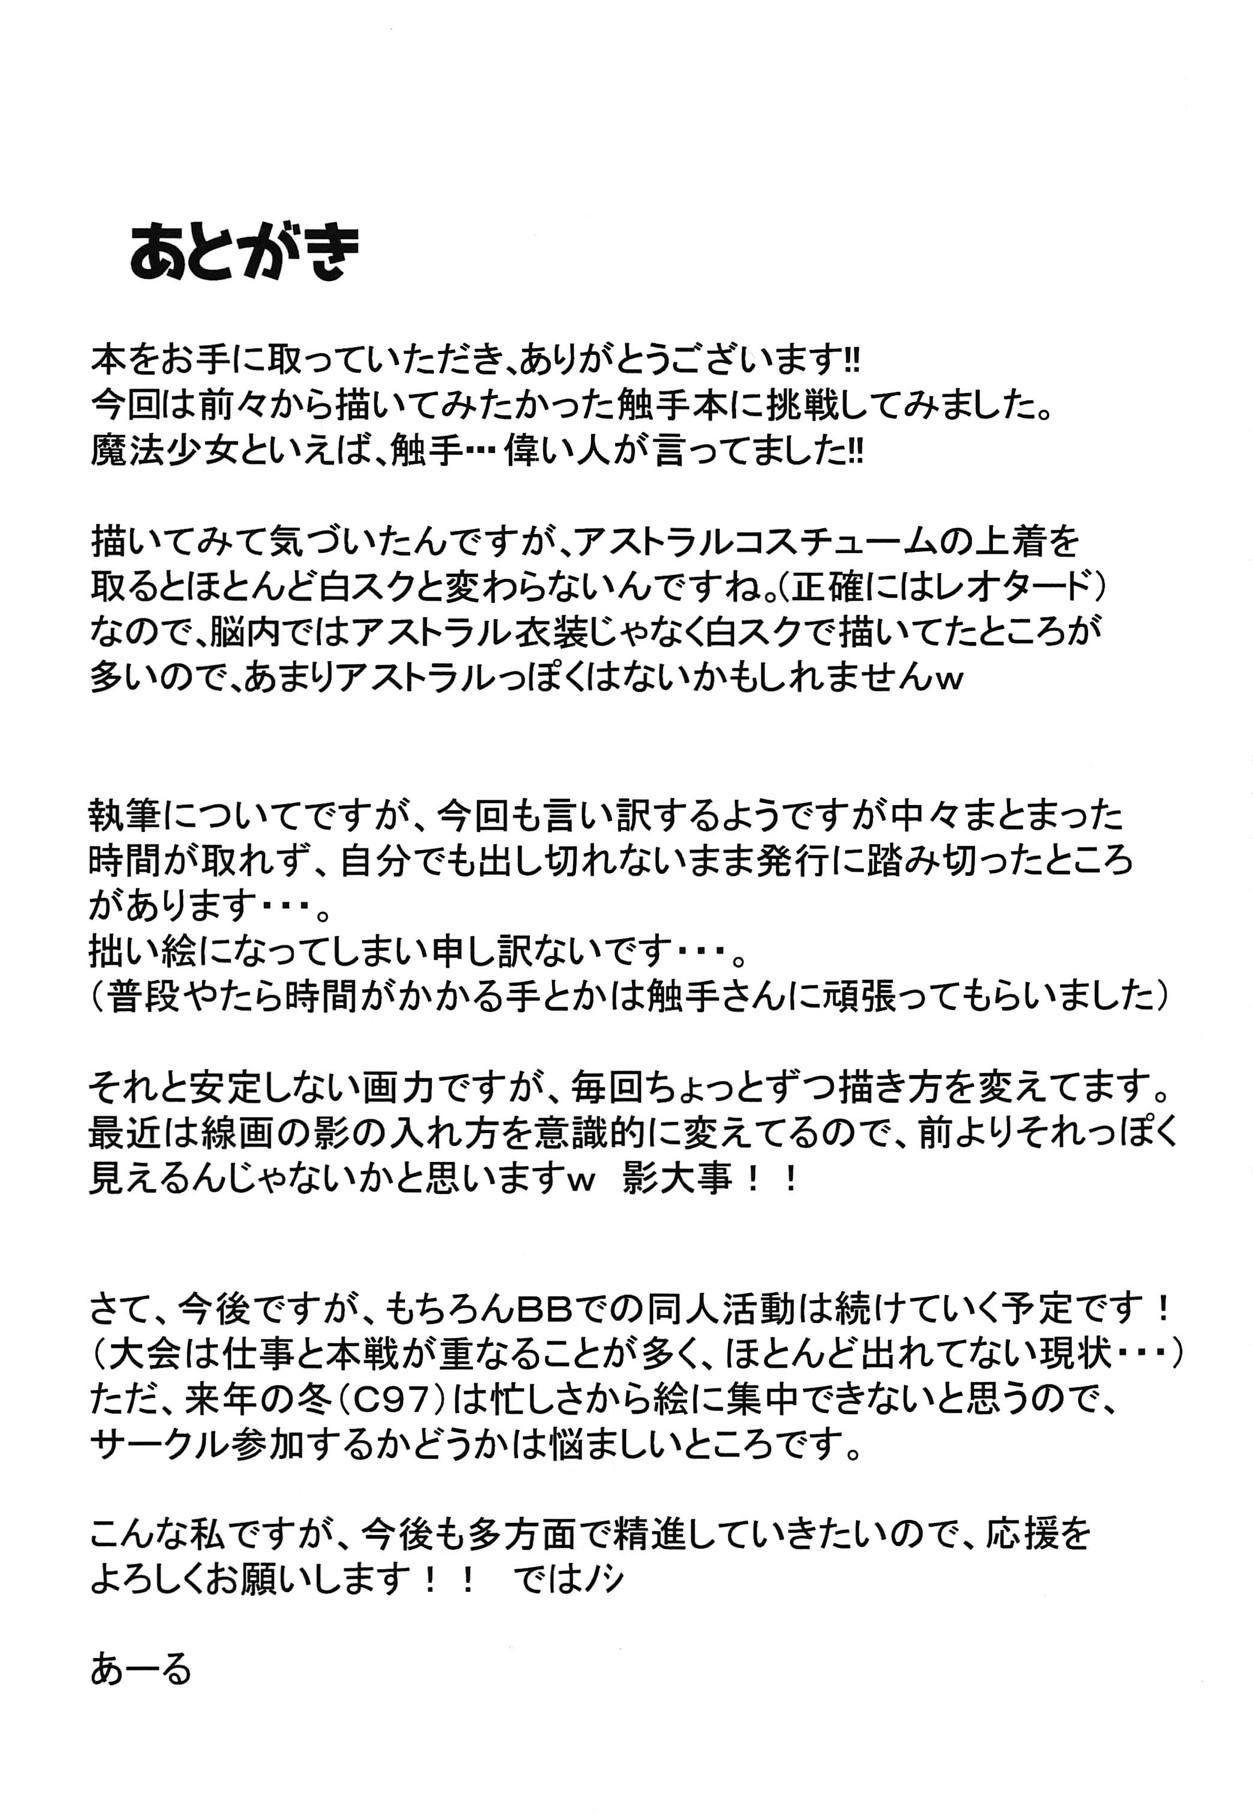 Mahou Shoujo to Ieba Shokushu Play 7